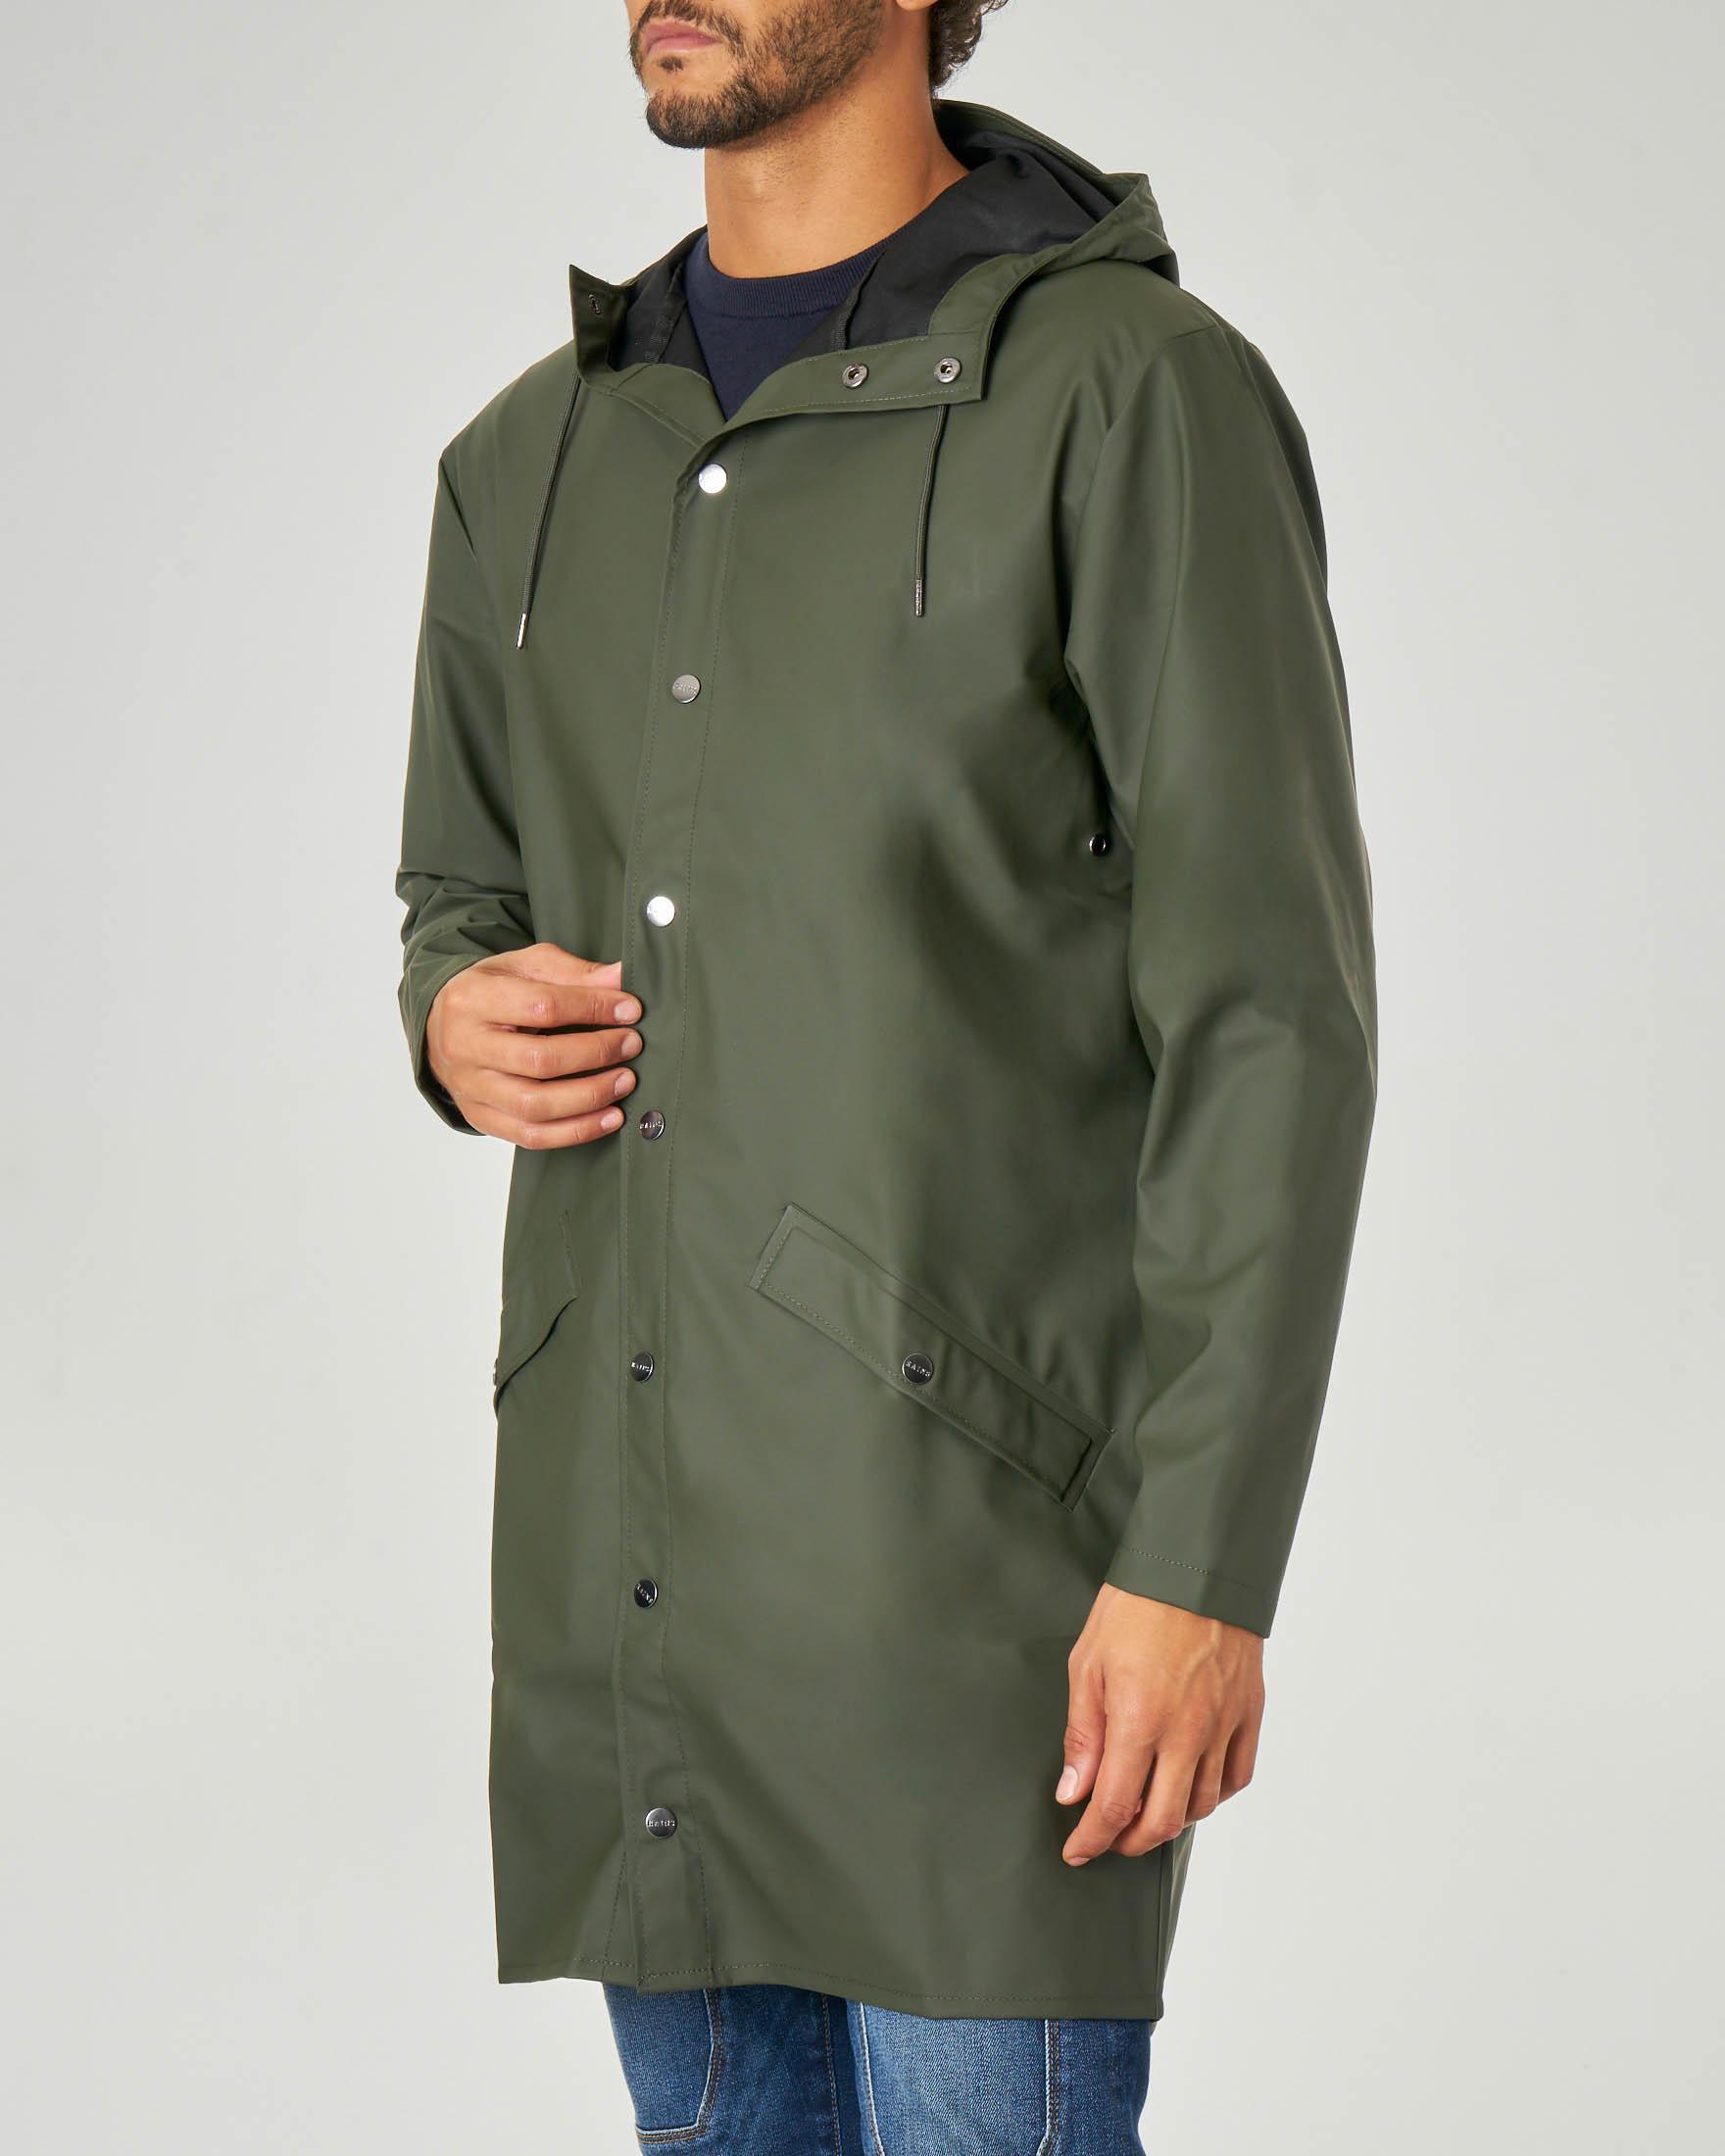 Impermeabile Long Jacket verde